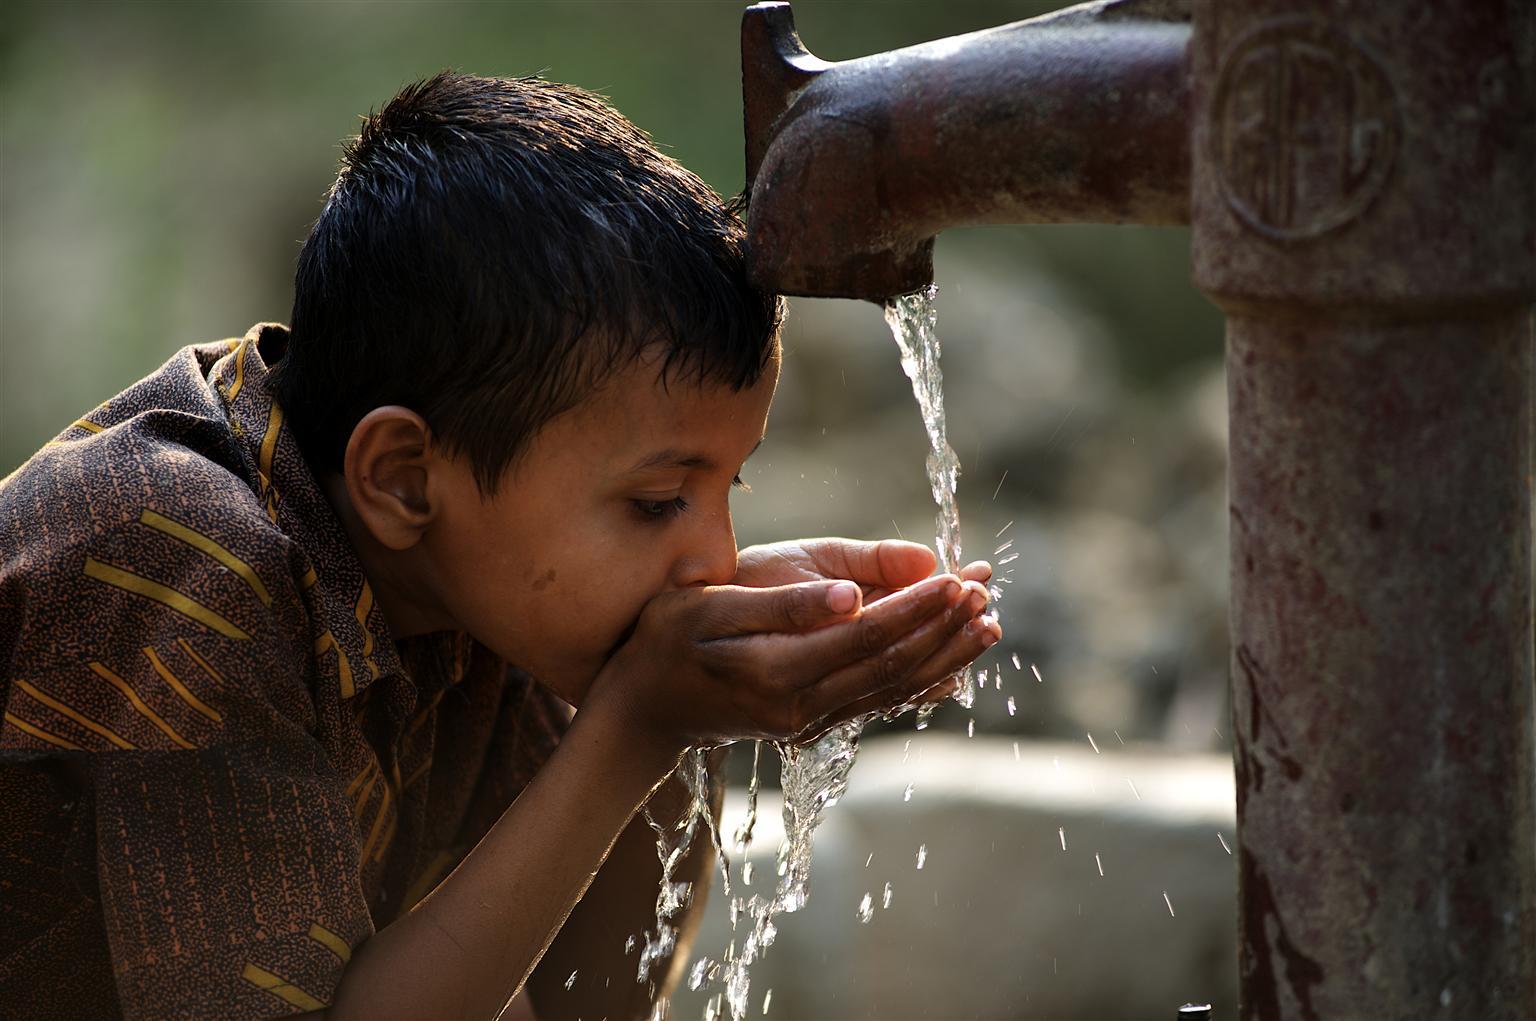 картинки дефицит пресной воды центре